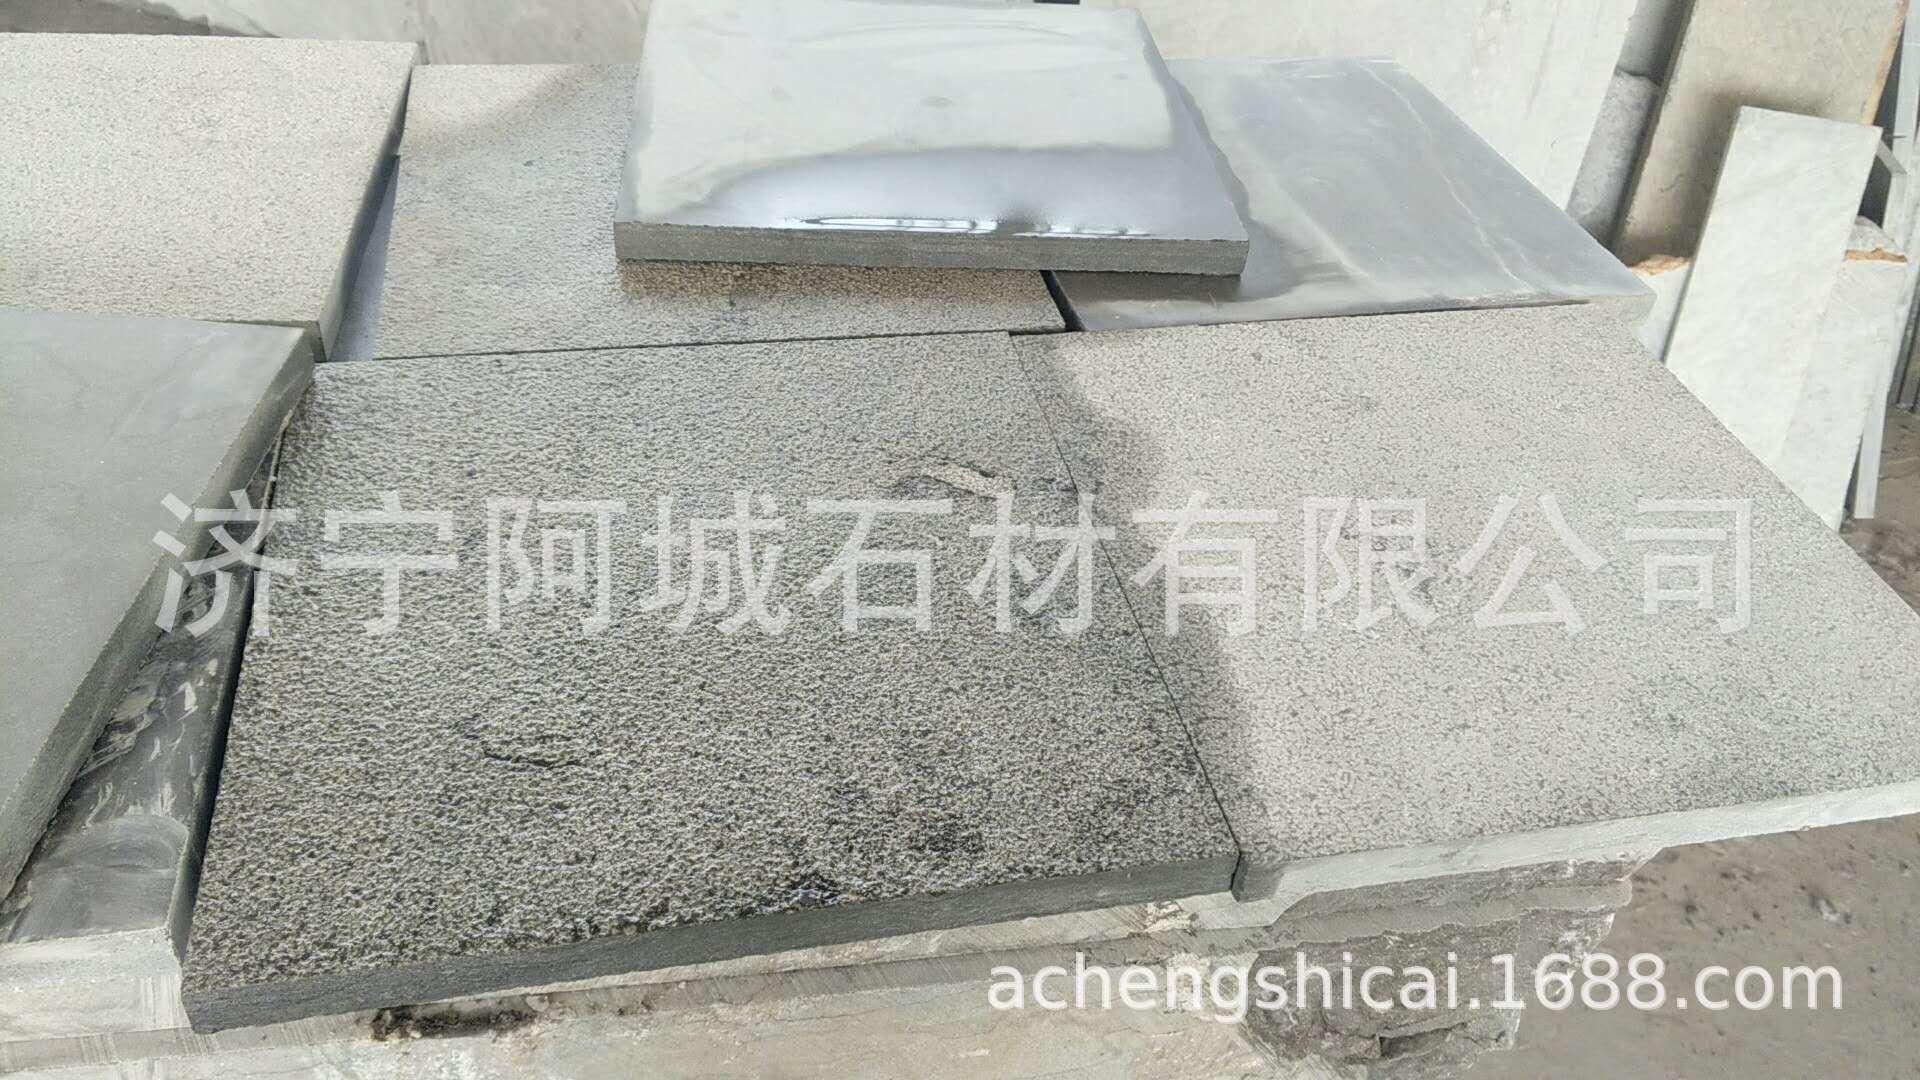 青石板荒料建筑材料批发庭院景区地铺石规格定做